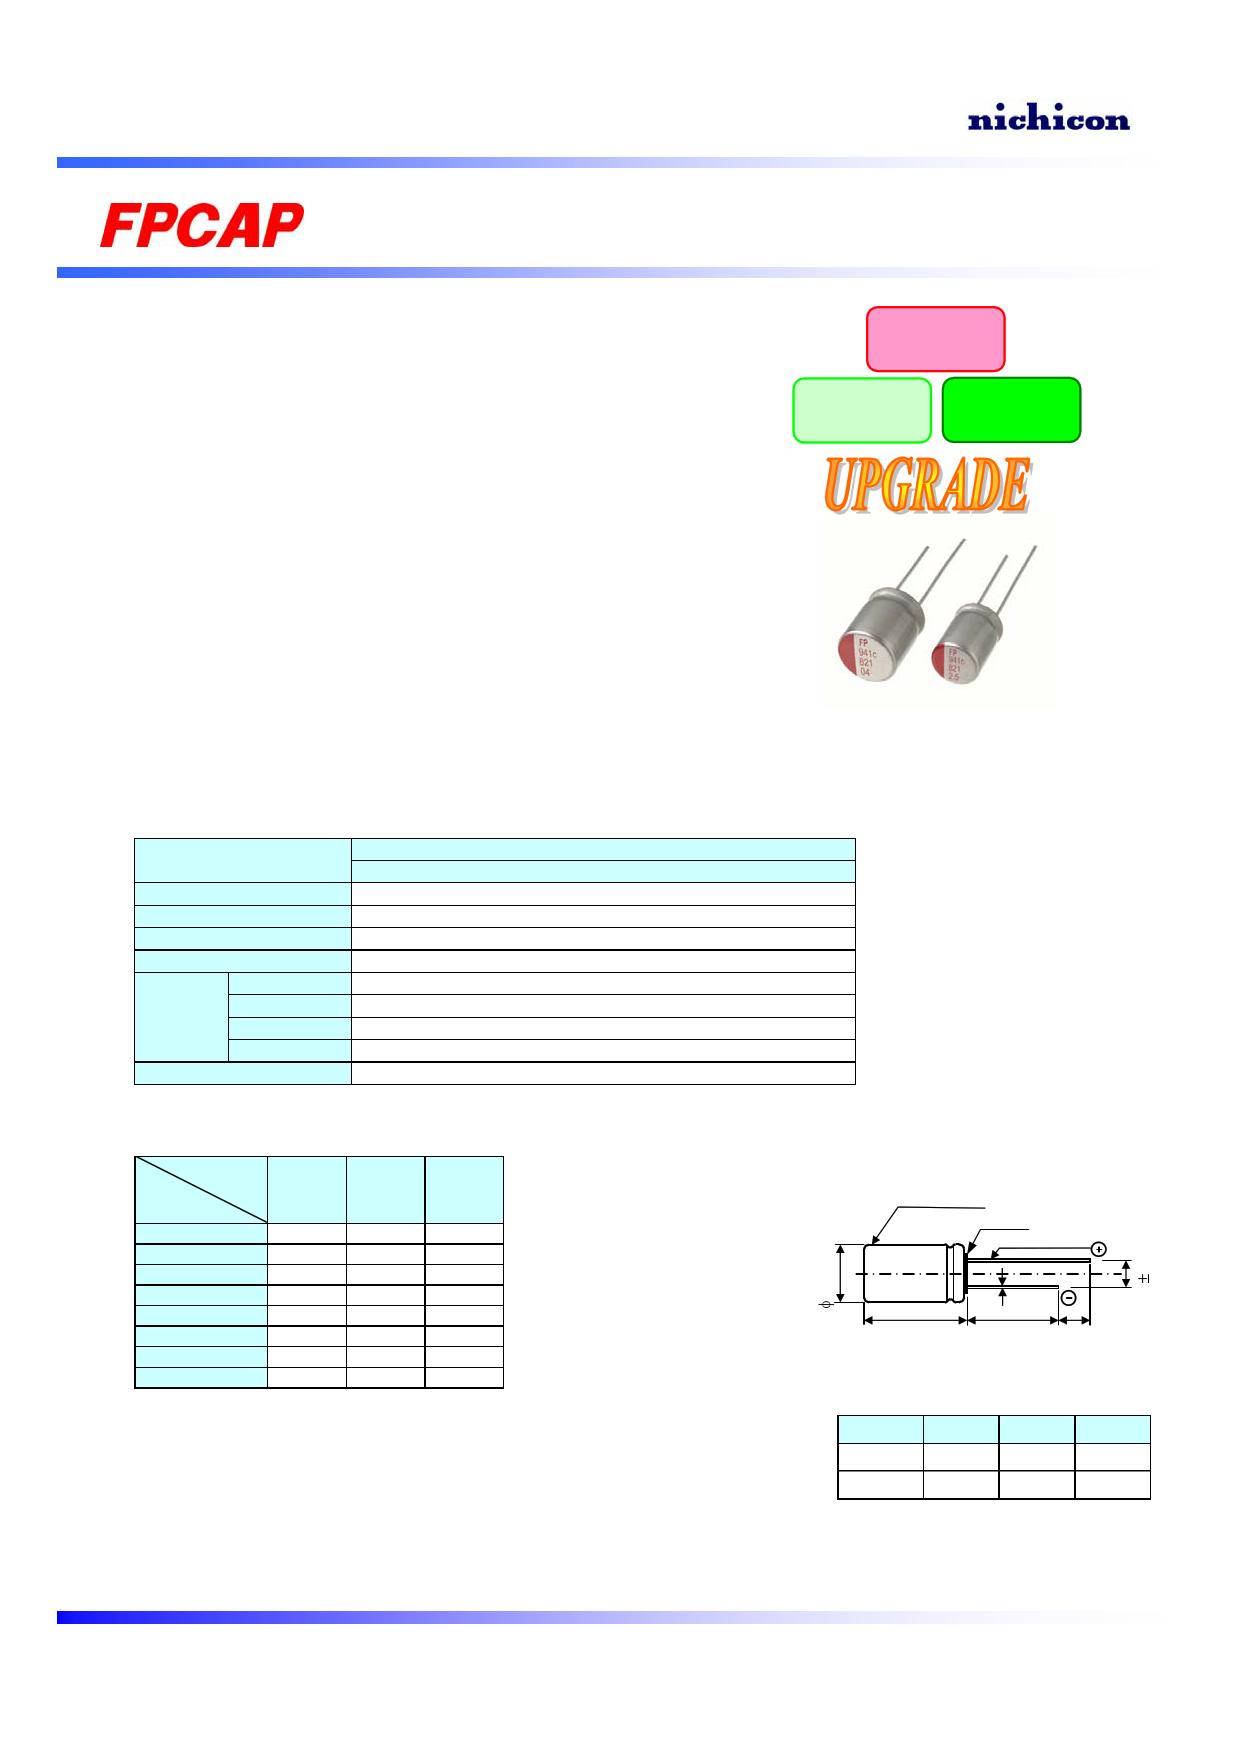 RR50J821MDN1KX 데이터시트 및 RR50J821MDN1KX PDF